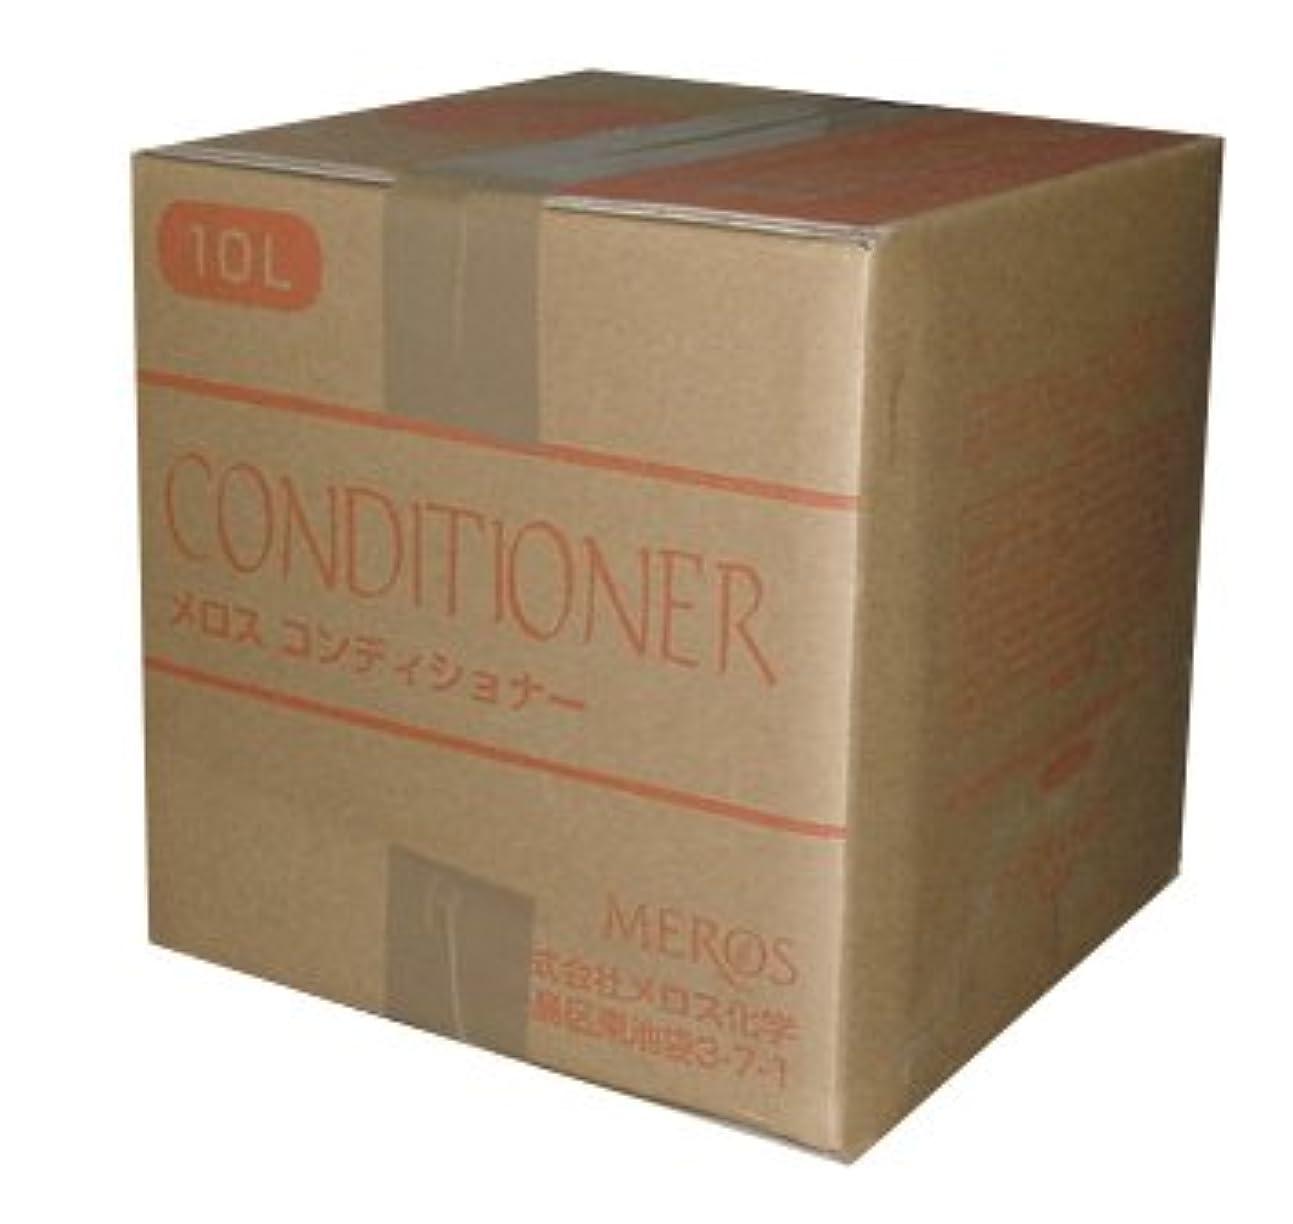 鎮痛剤廃止するカップメロス コンディショナー 業務用 10L / 詰め替え (メロス化学)業務用コンディショナー